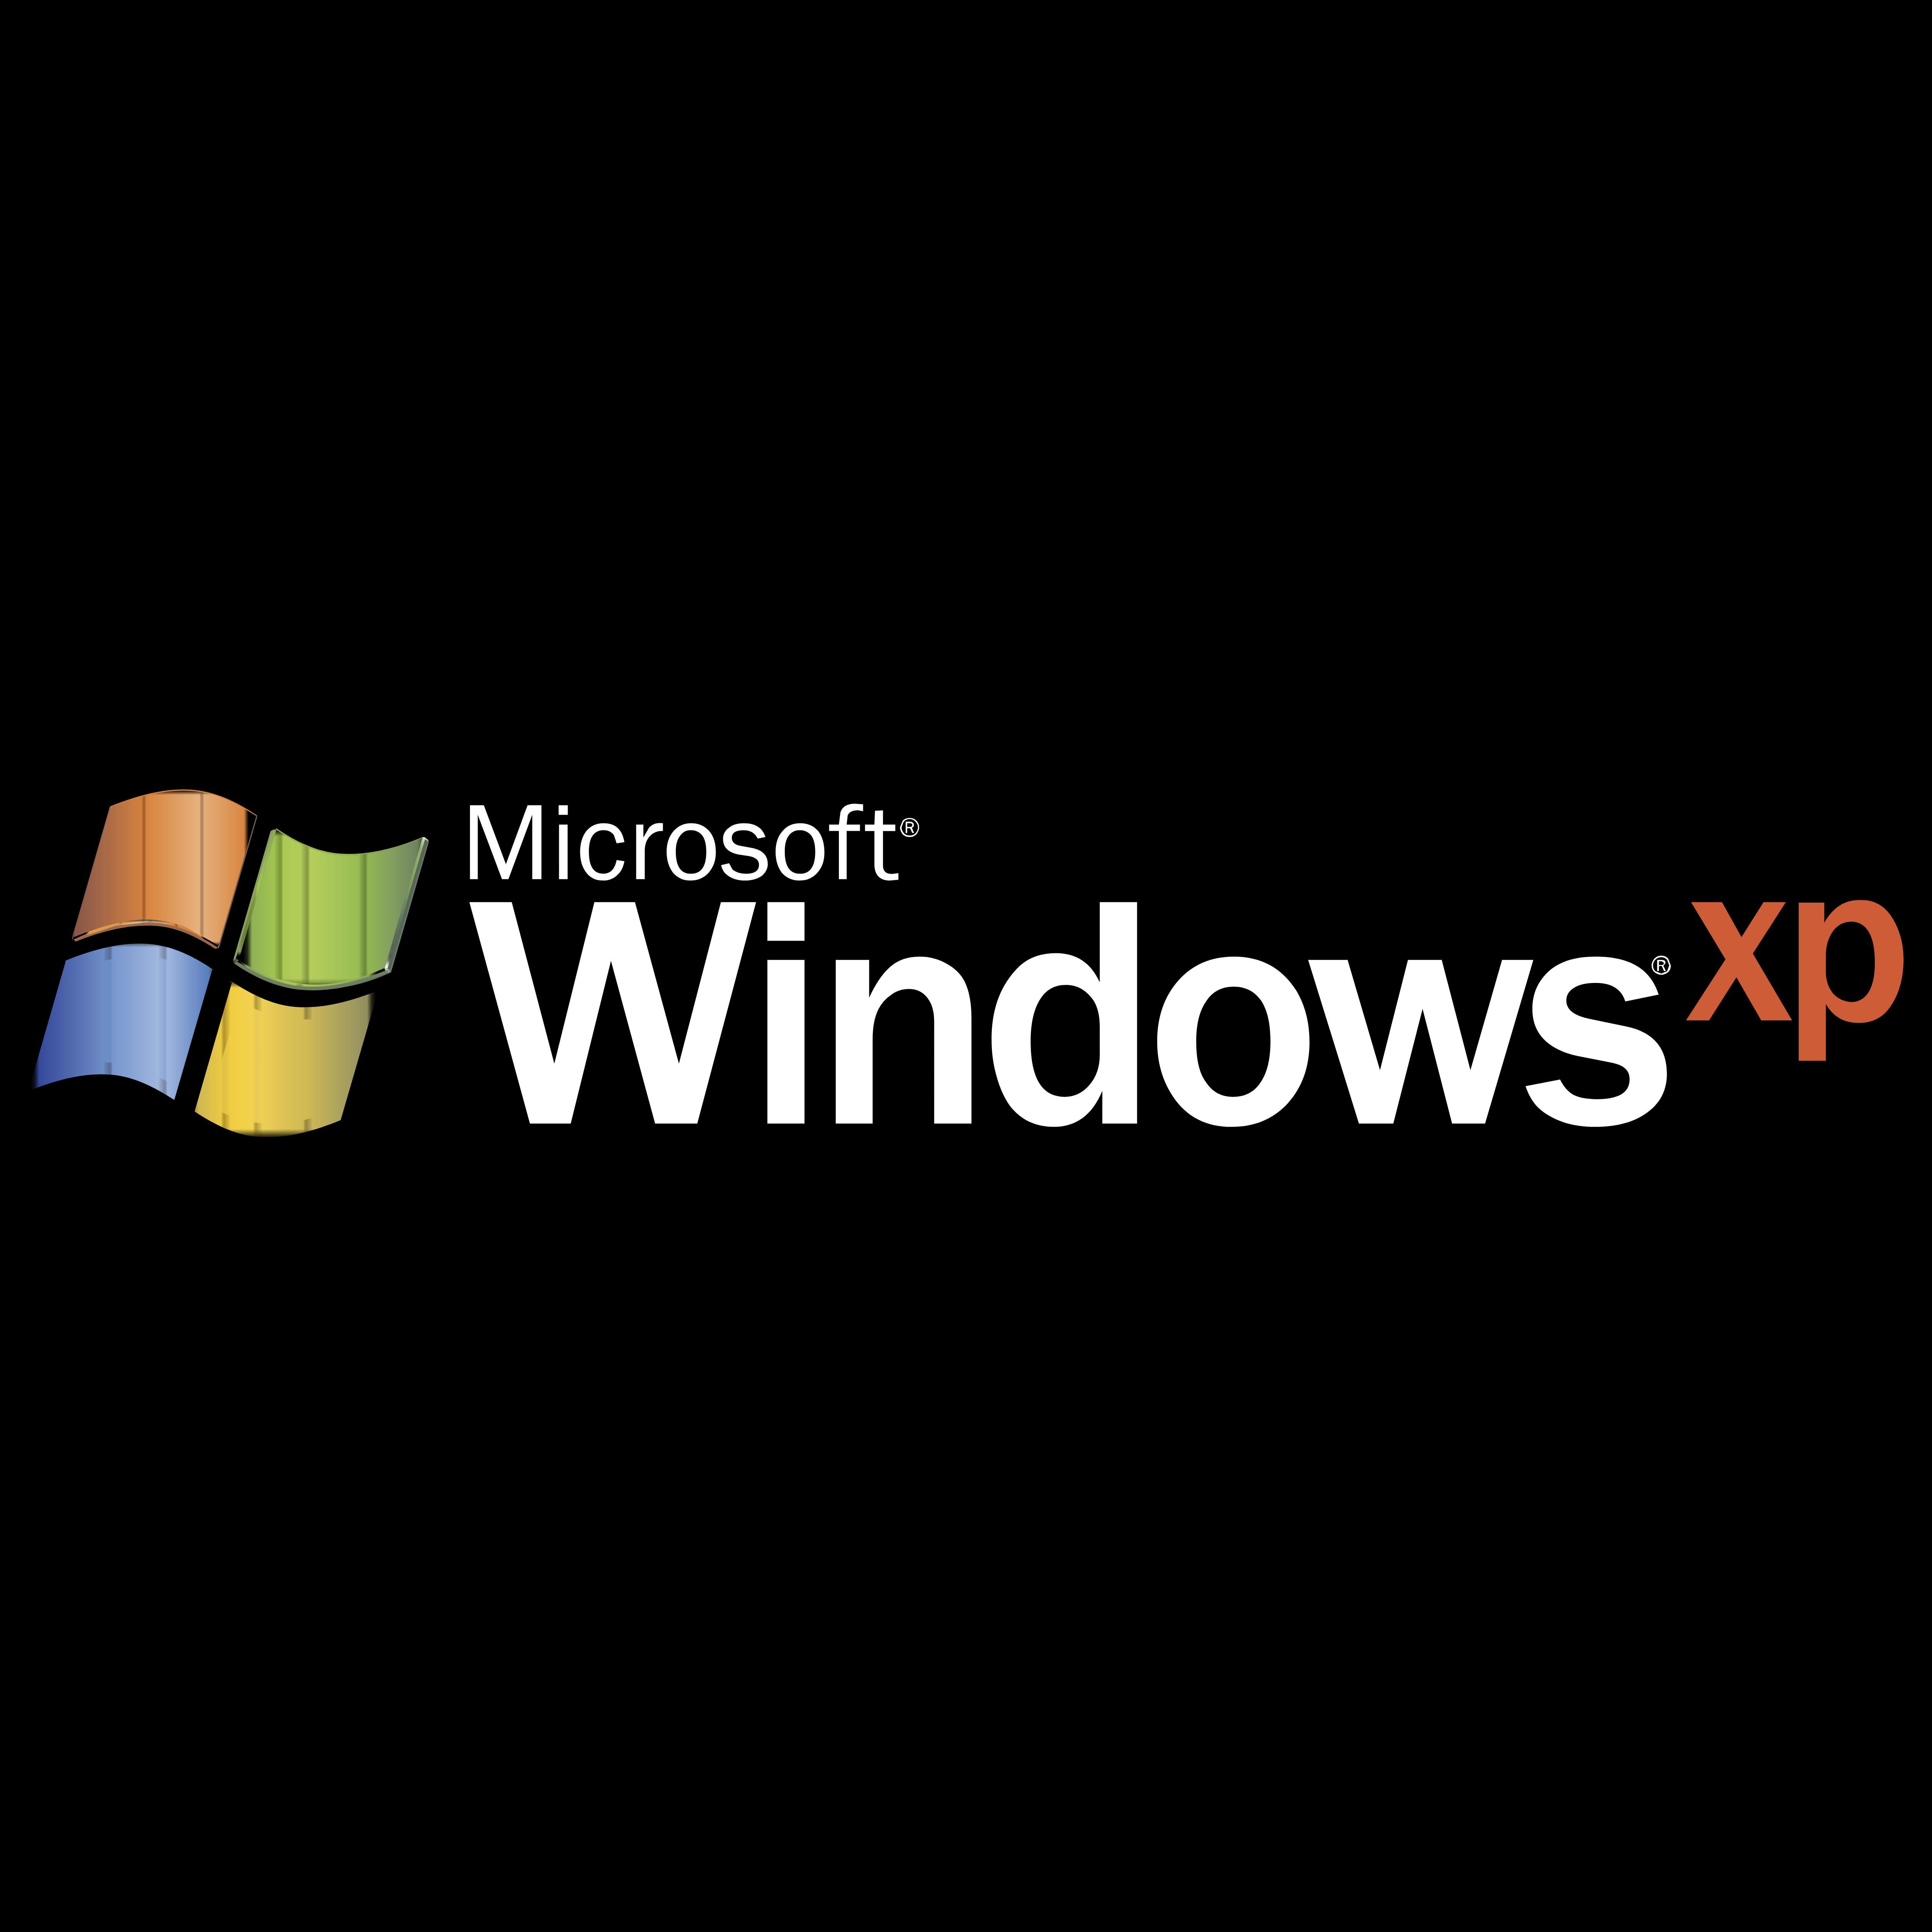 windows  u2013 logos download